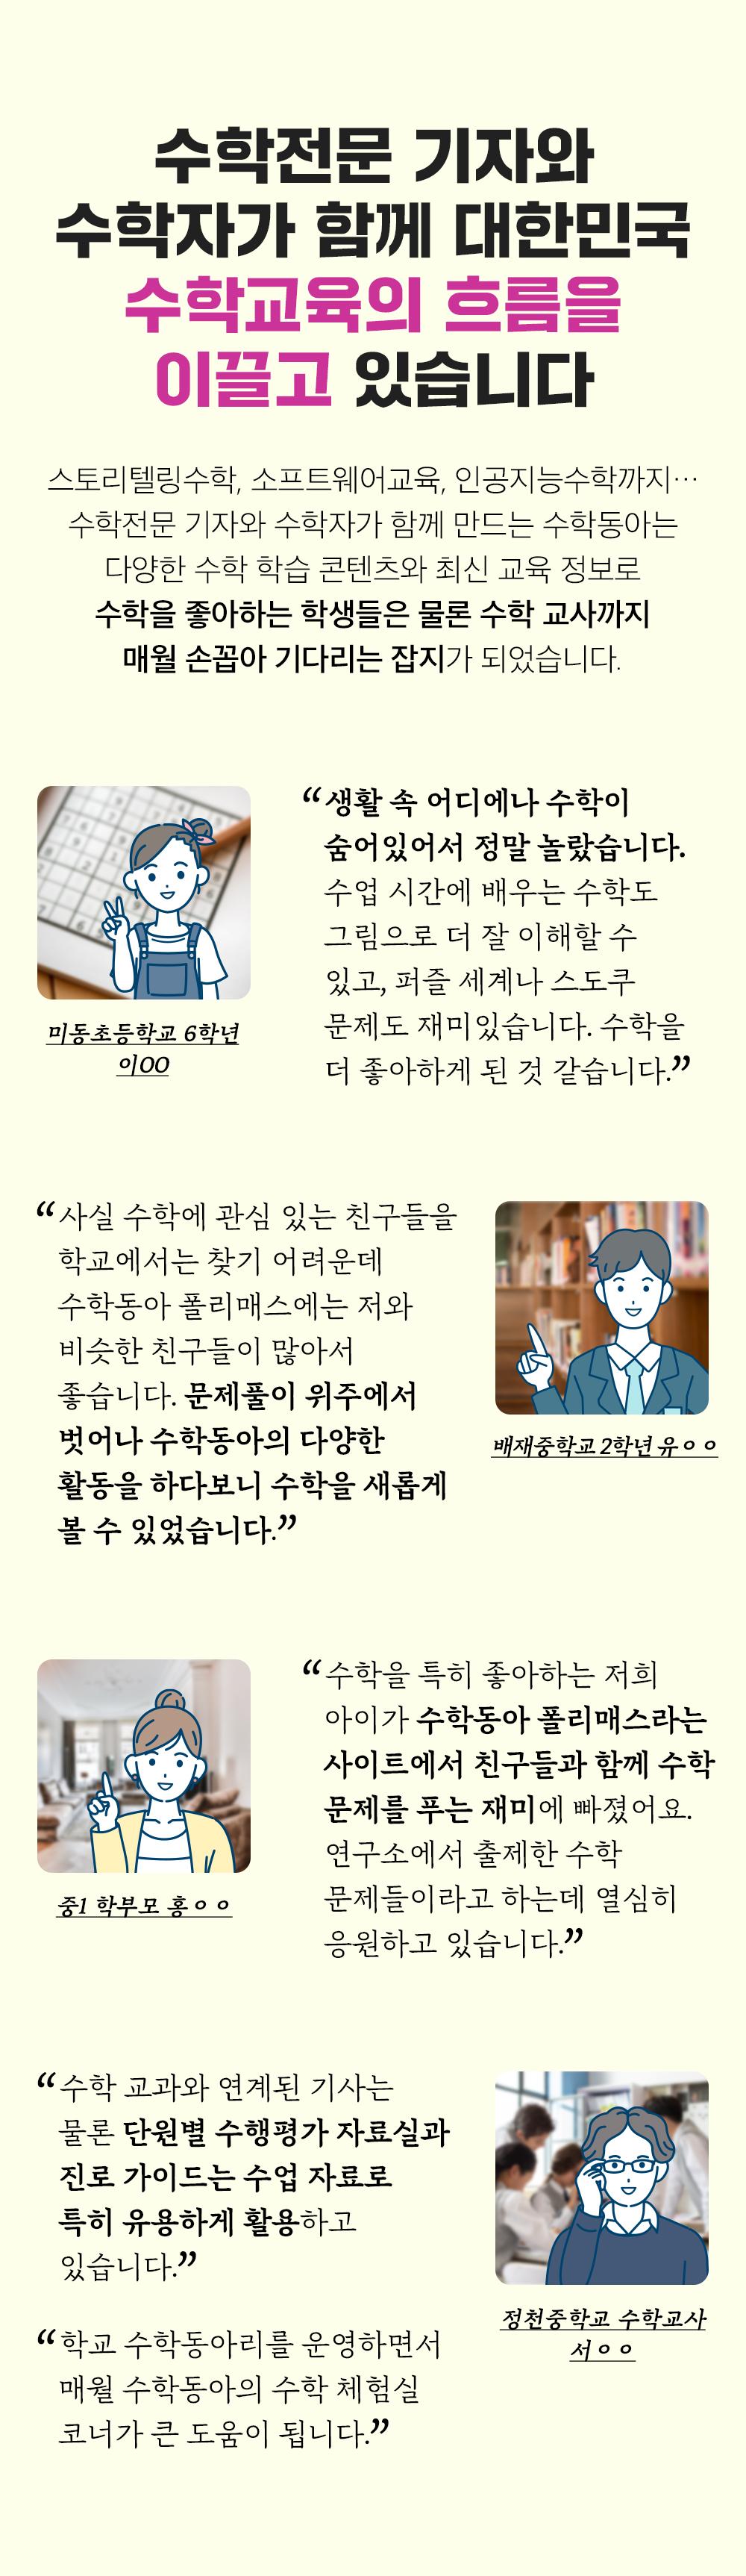 수학전문 기자와 수학자가 함께 대한민국 수학교육의 흐름을 이끌고 있습니다.